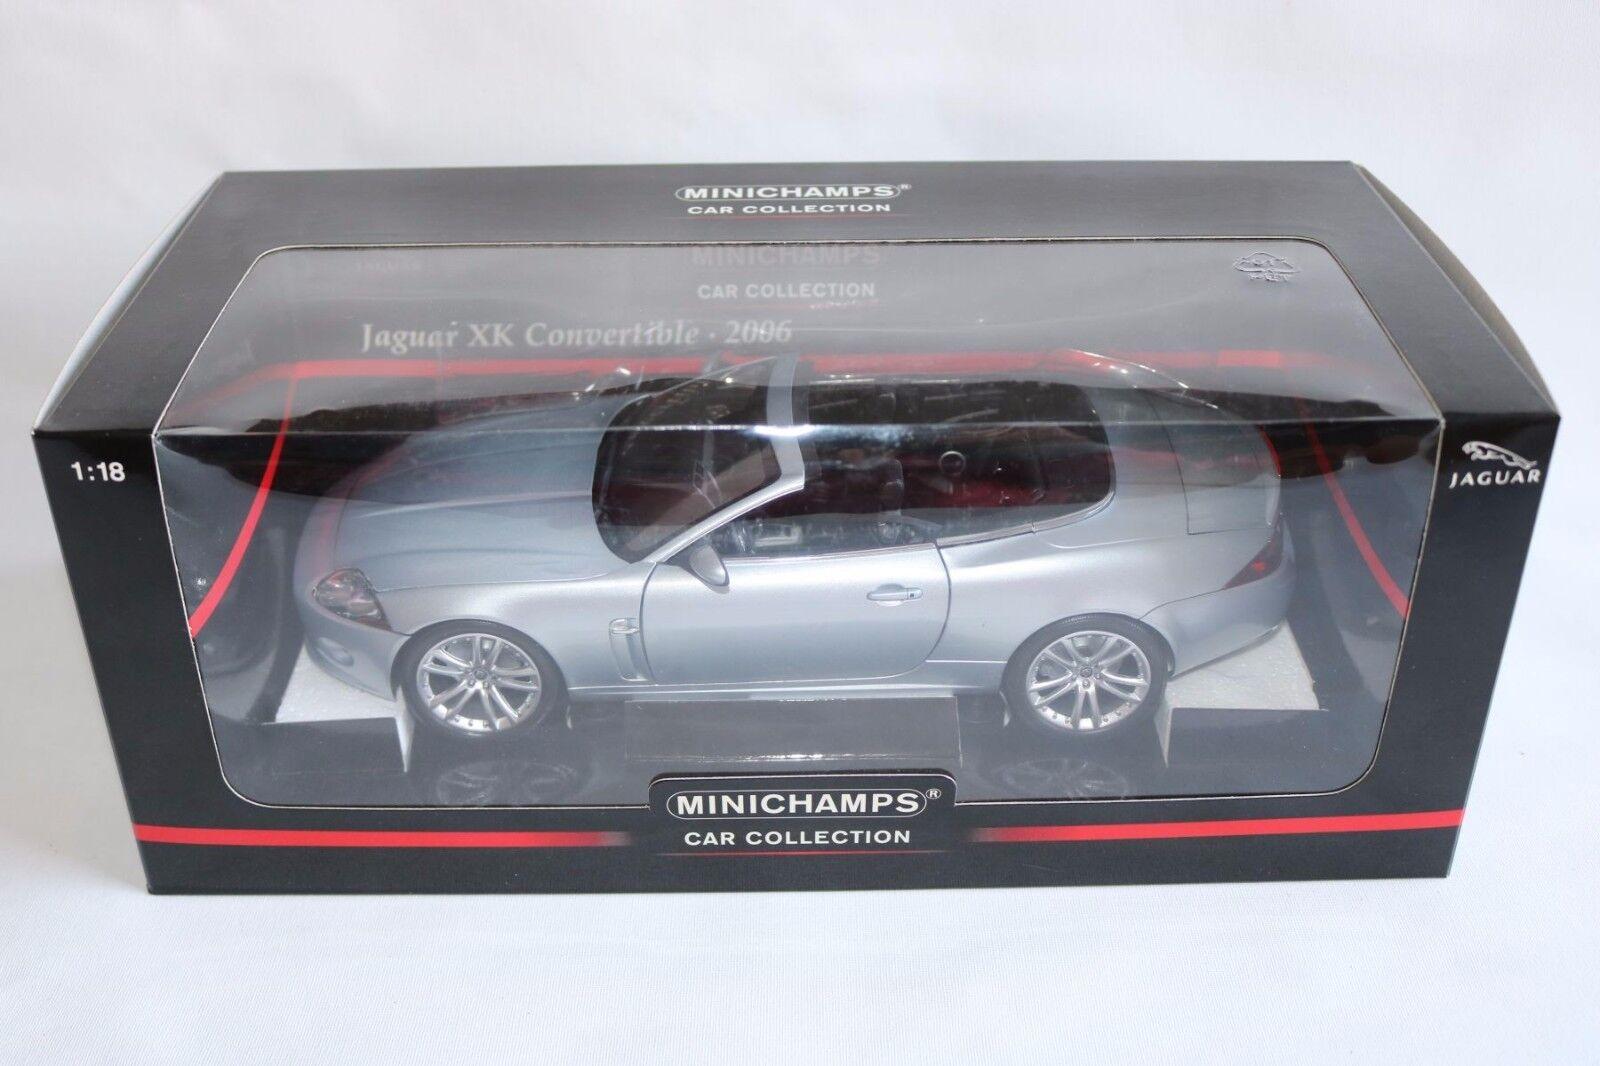 Minichamps Jaguar XK Convertible 2006 argent - gris 1 18 perfect mint in box